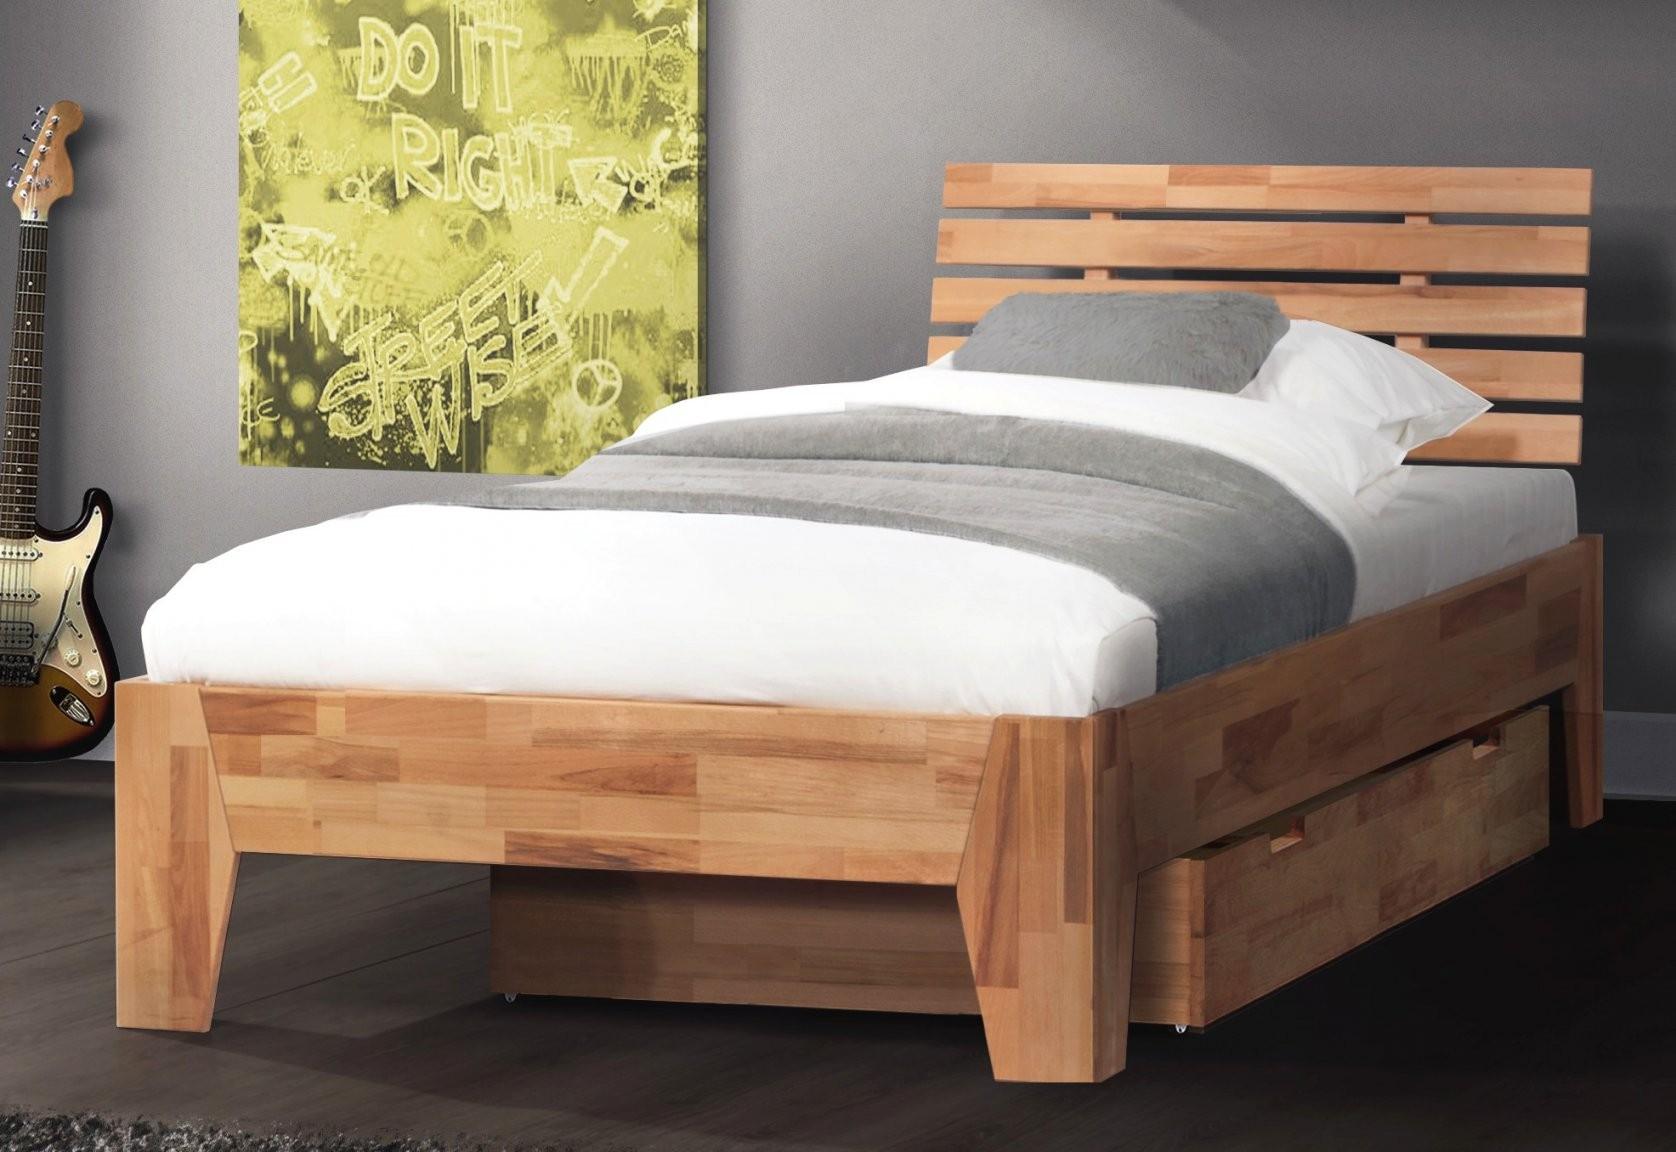 Betten Mit Matratze Und Lattenrost 140X200 Schockierend Auf Kreative von Günstige Betten Mit Matratze Und Lattenrost Bild